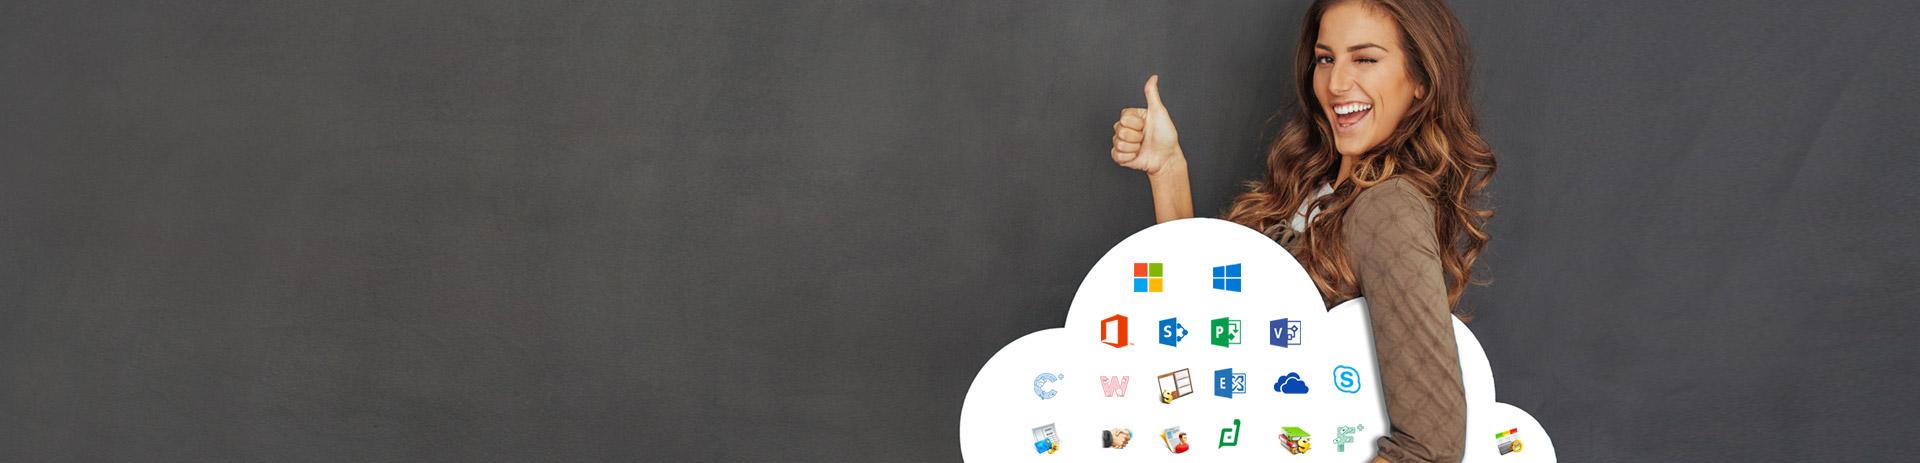 A1 Marketplace Software für Unternehmen, Firmen und Selbständige